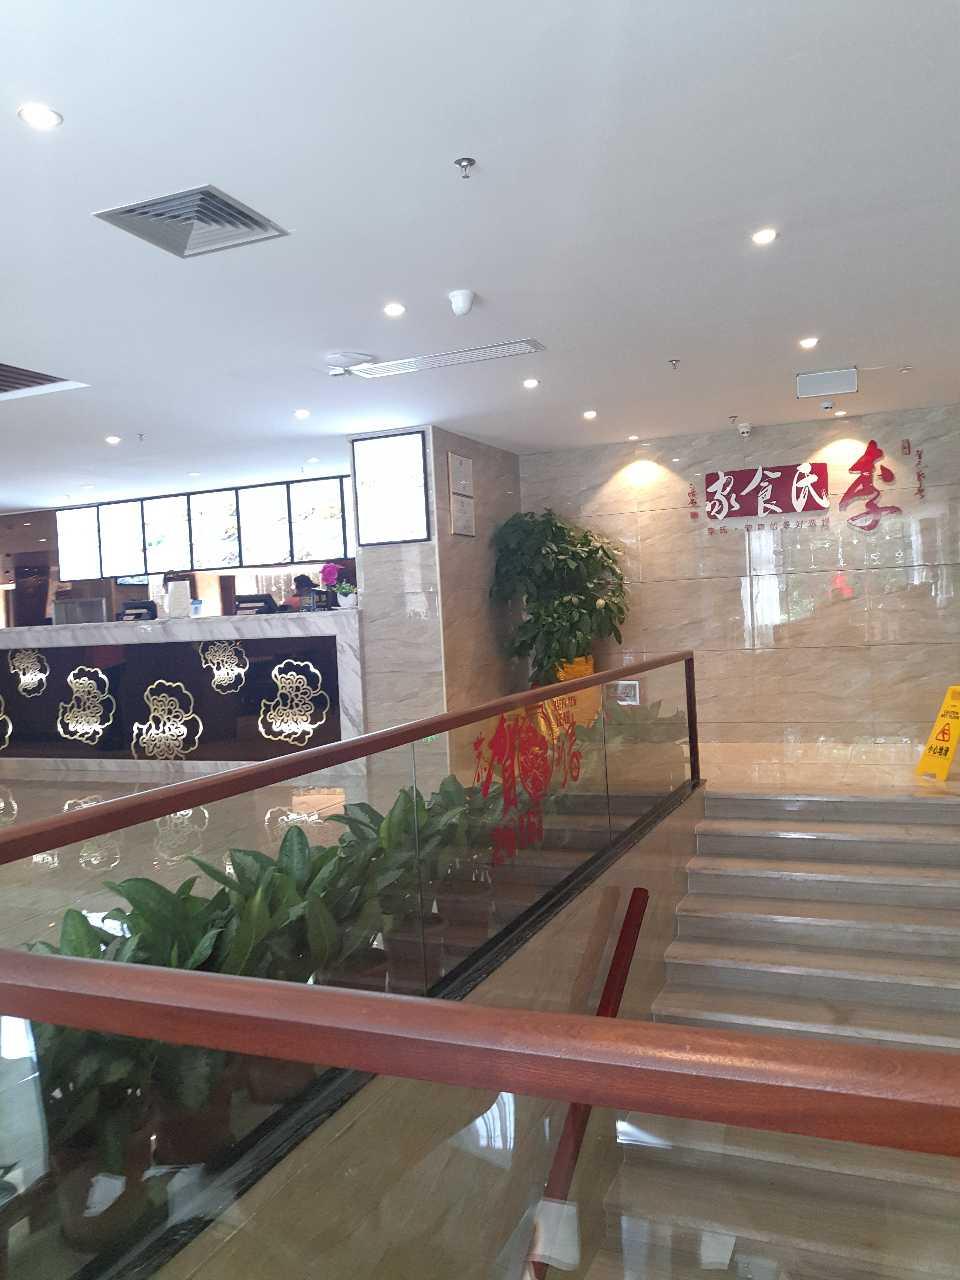 """来自叶贤斌发布的商务合作信息: """"民以食为天,食以安为先... - 珠海市李氏食家餐饮管理连锁有限公司"""